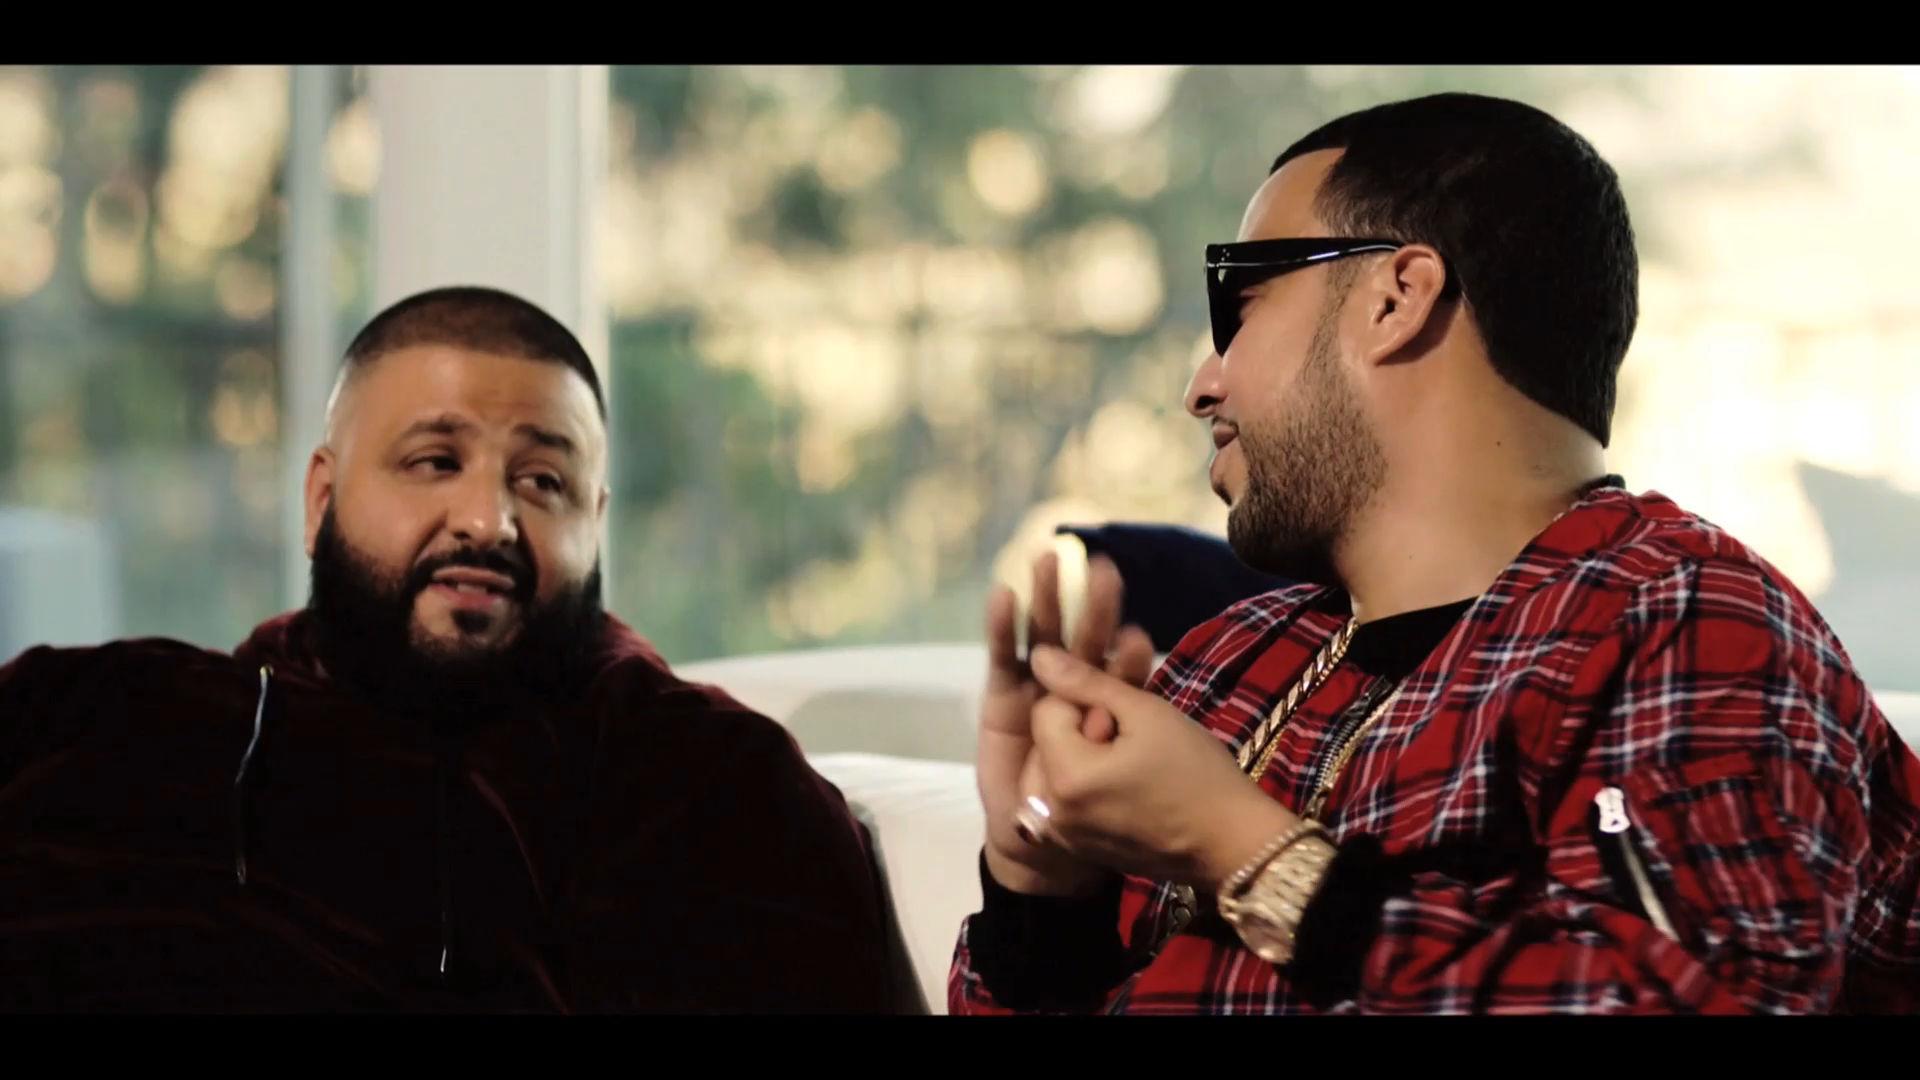 DJ-Khaled-French-Montana-interview